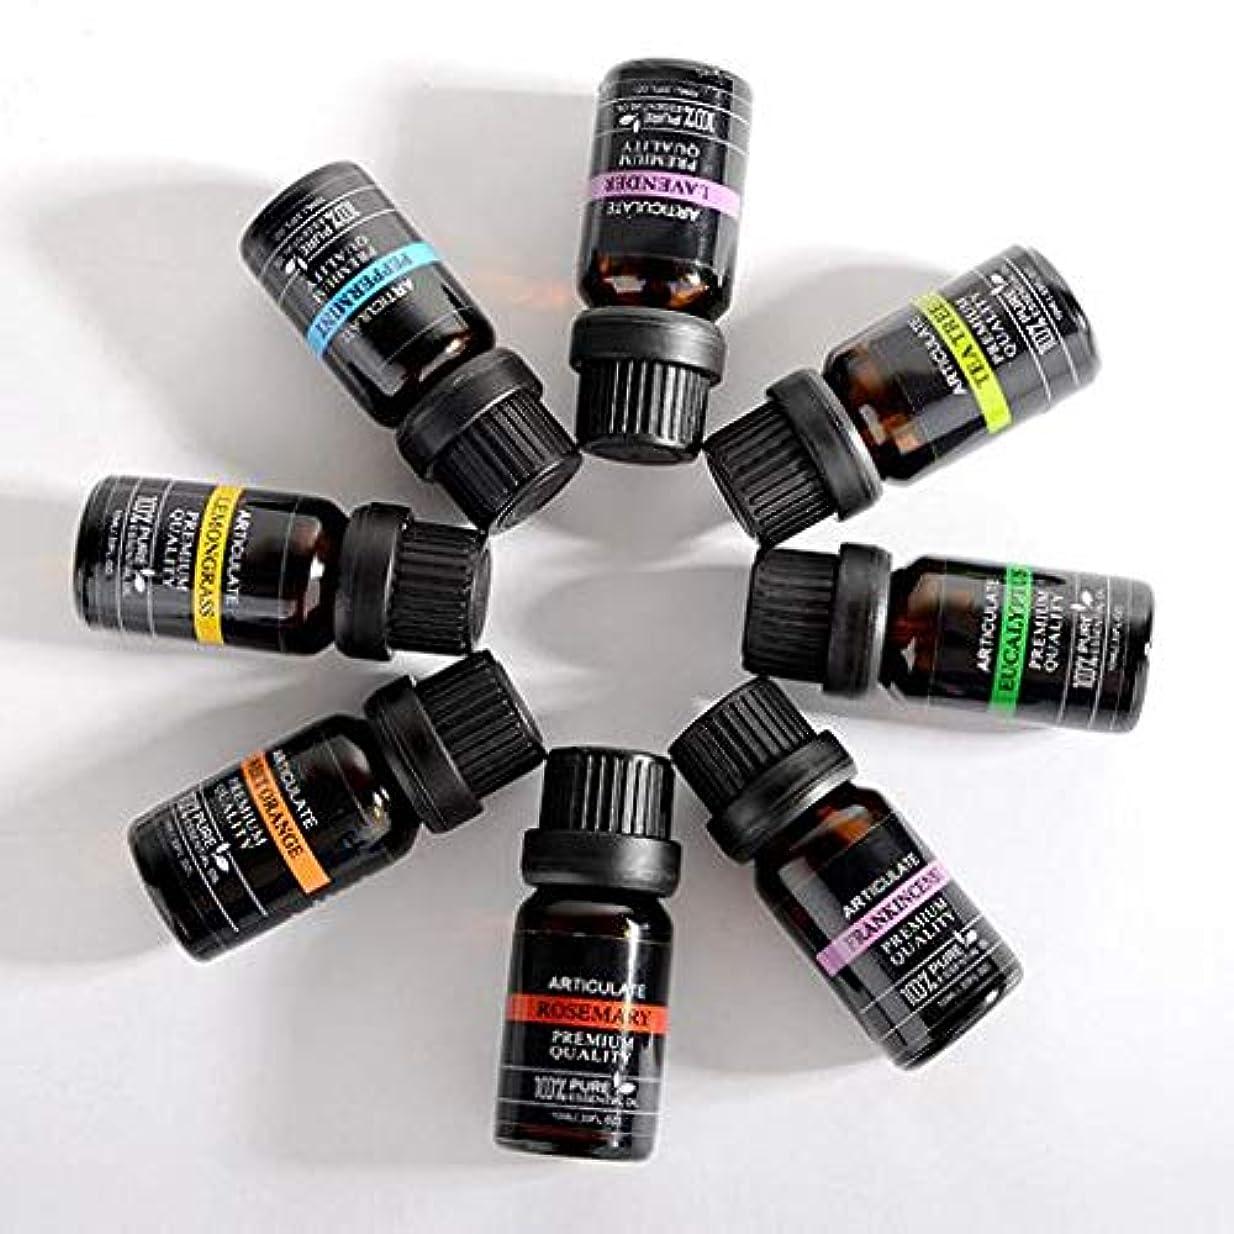 好戦的なに対して千Lioncorek エッセンシャルオイル オイル アロマオイル 精油 水溶性 ナチュラル フレグランス 100%純粋 有機植物 加湿器用 8種の香りセット